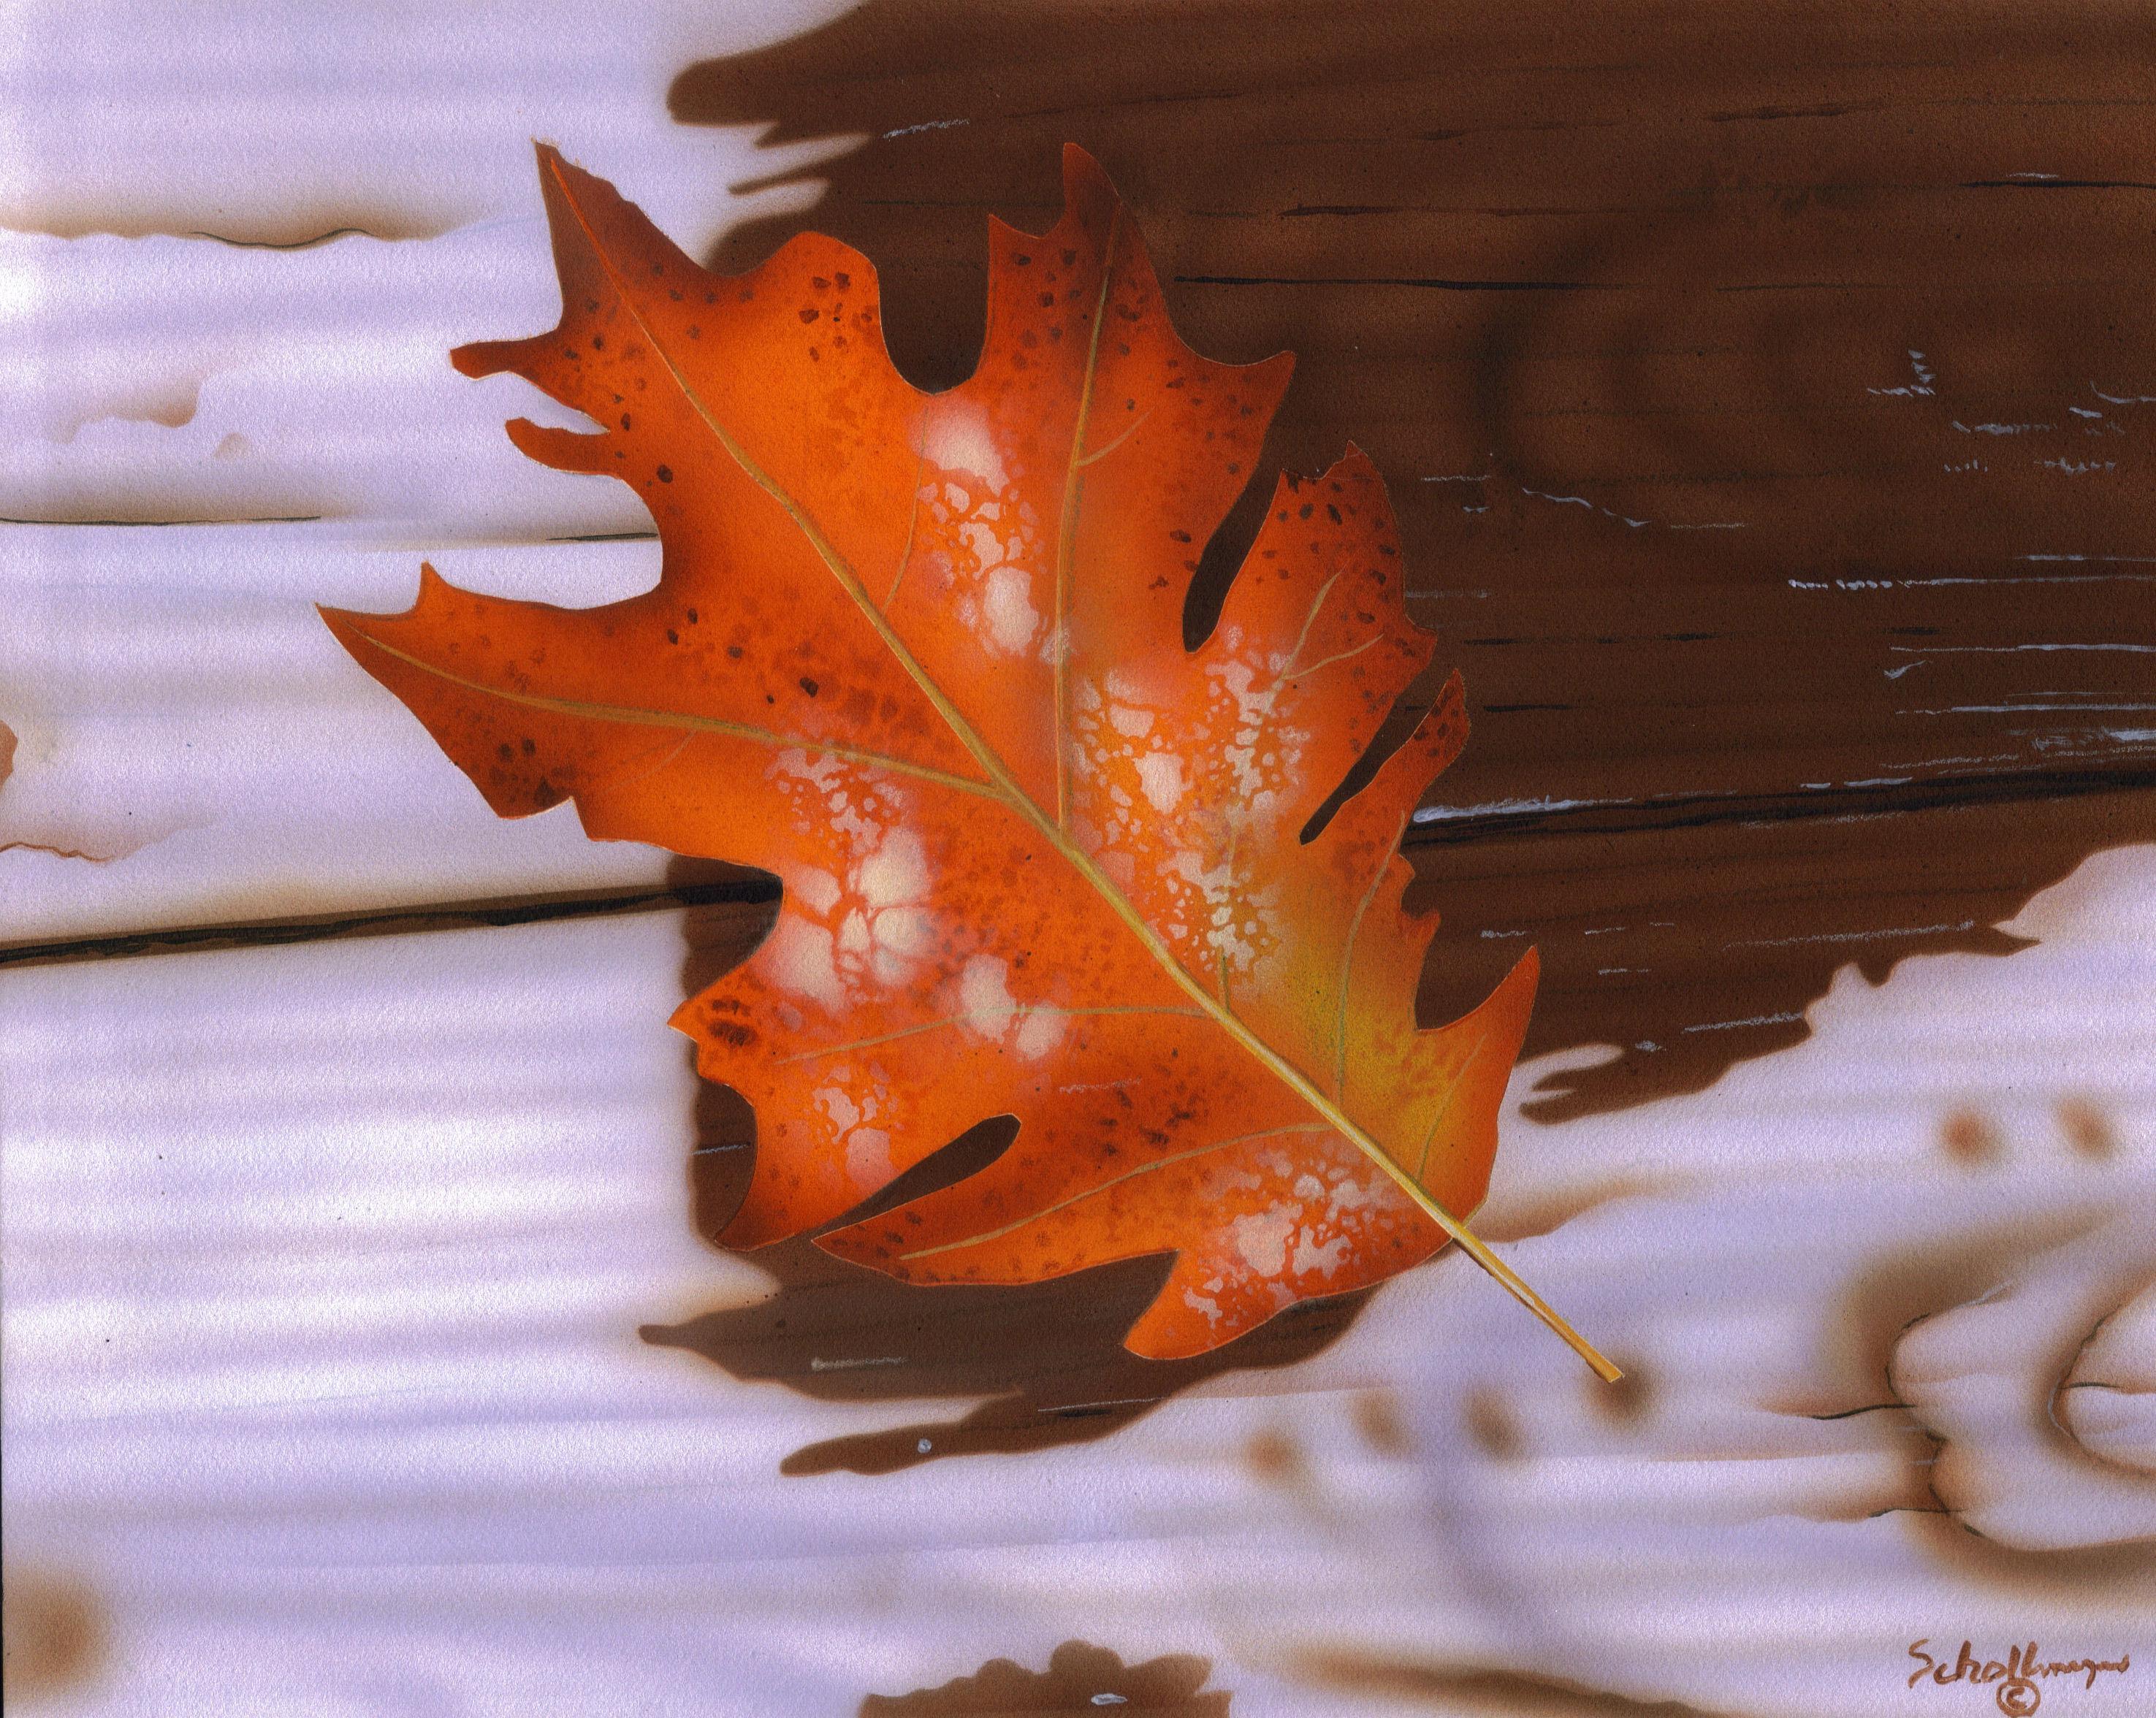 Autumn Leaf (Rainy Afternoon)